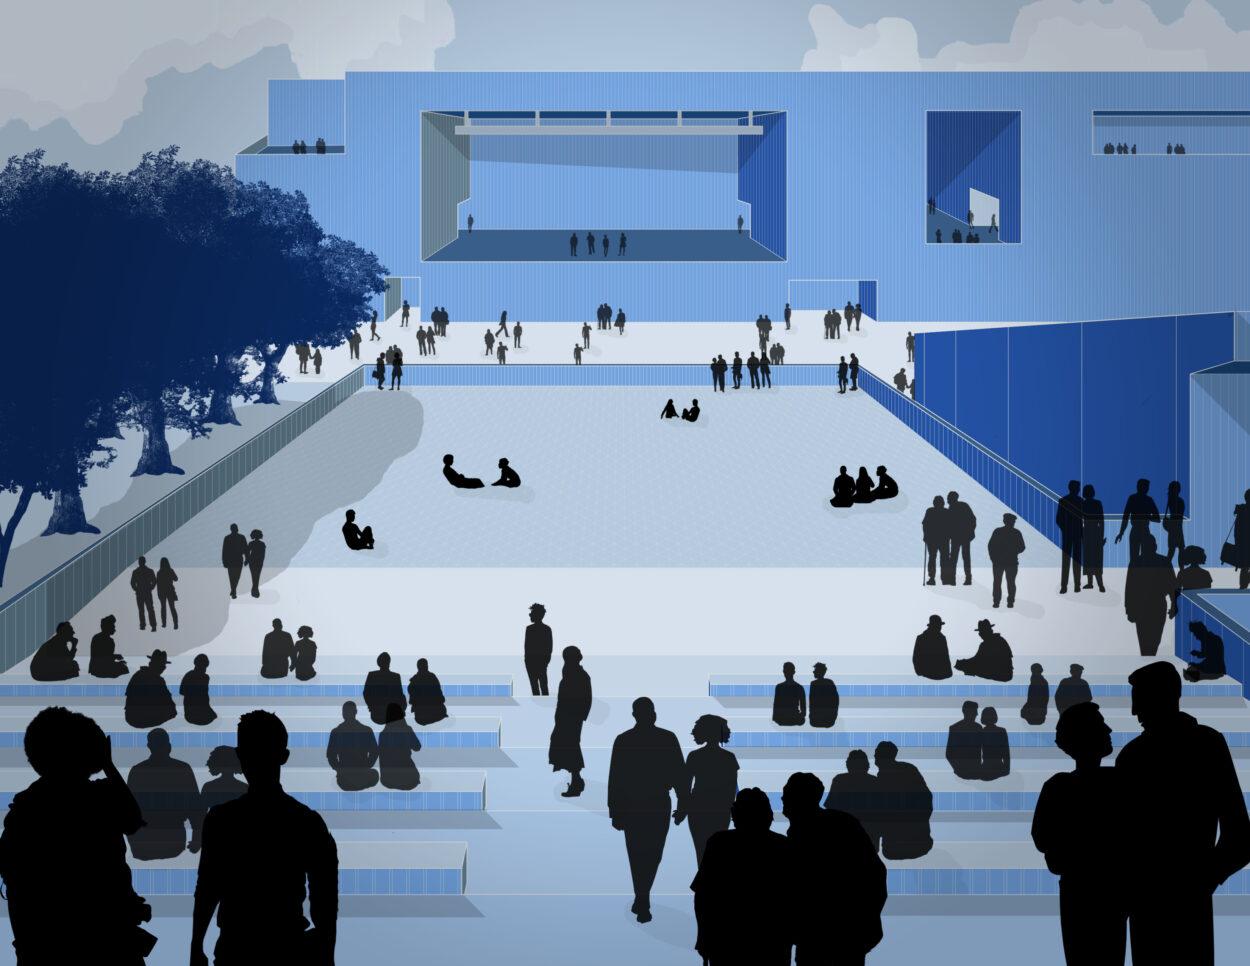 Stadium Perspective | Jonathan Malott